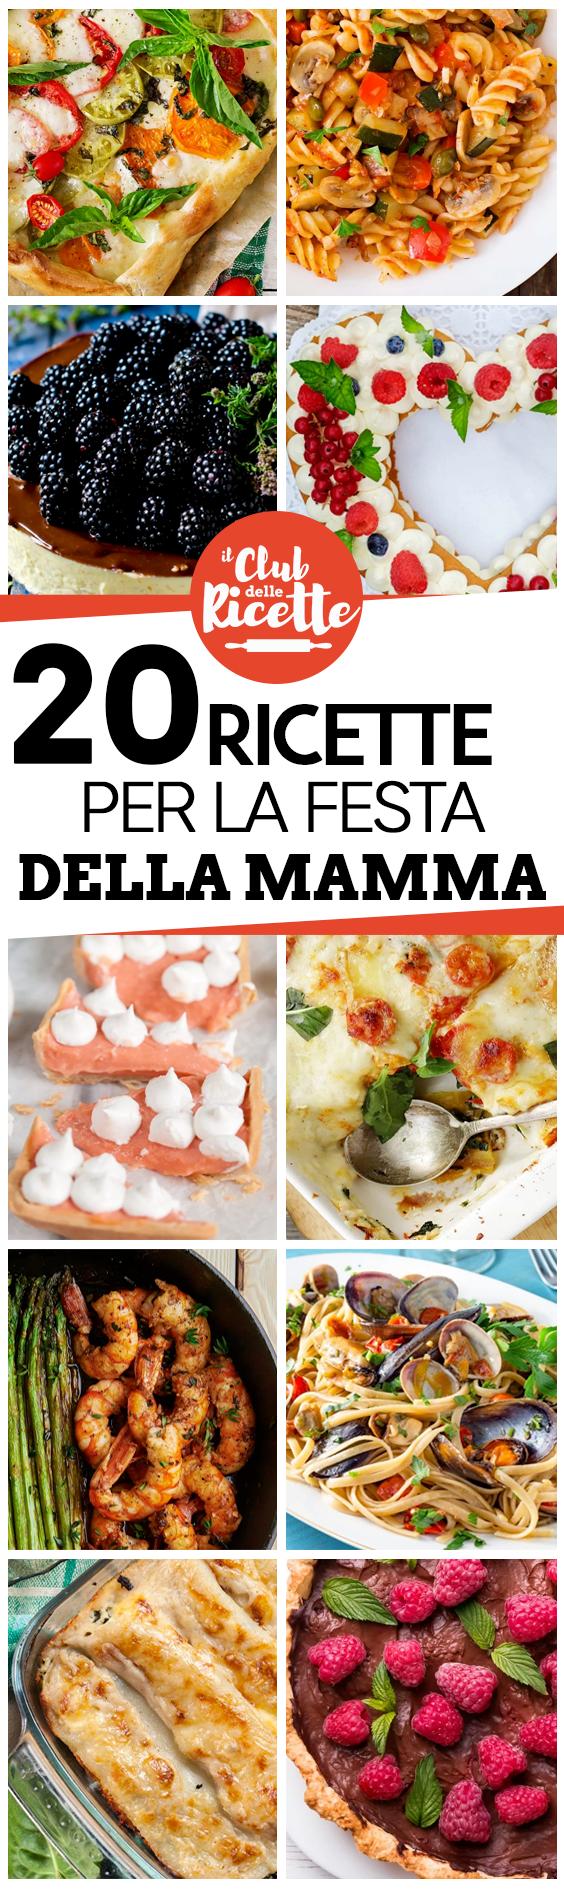 25+ Menu per festa del papa inspirations